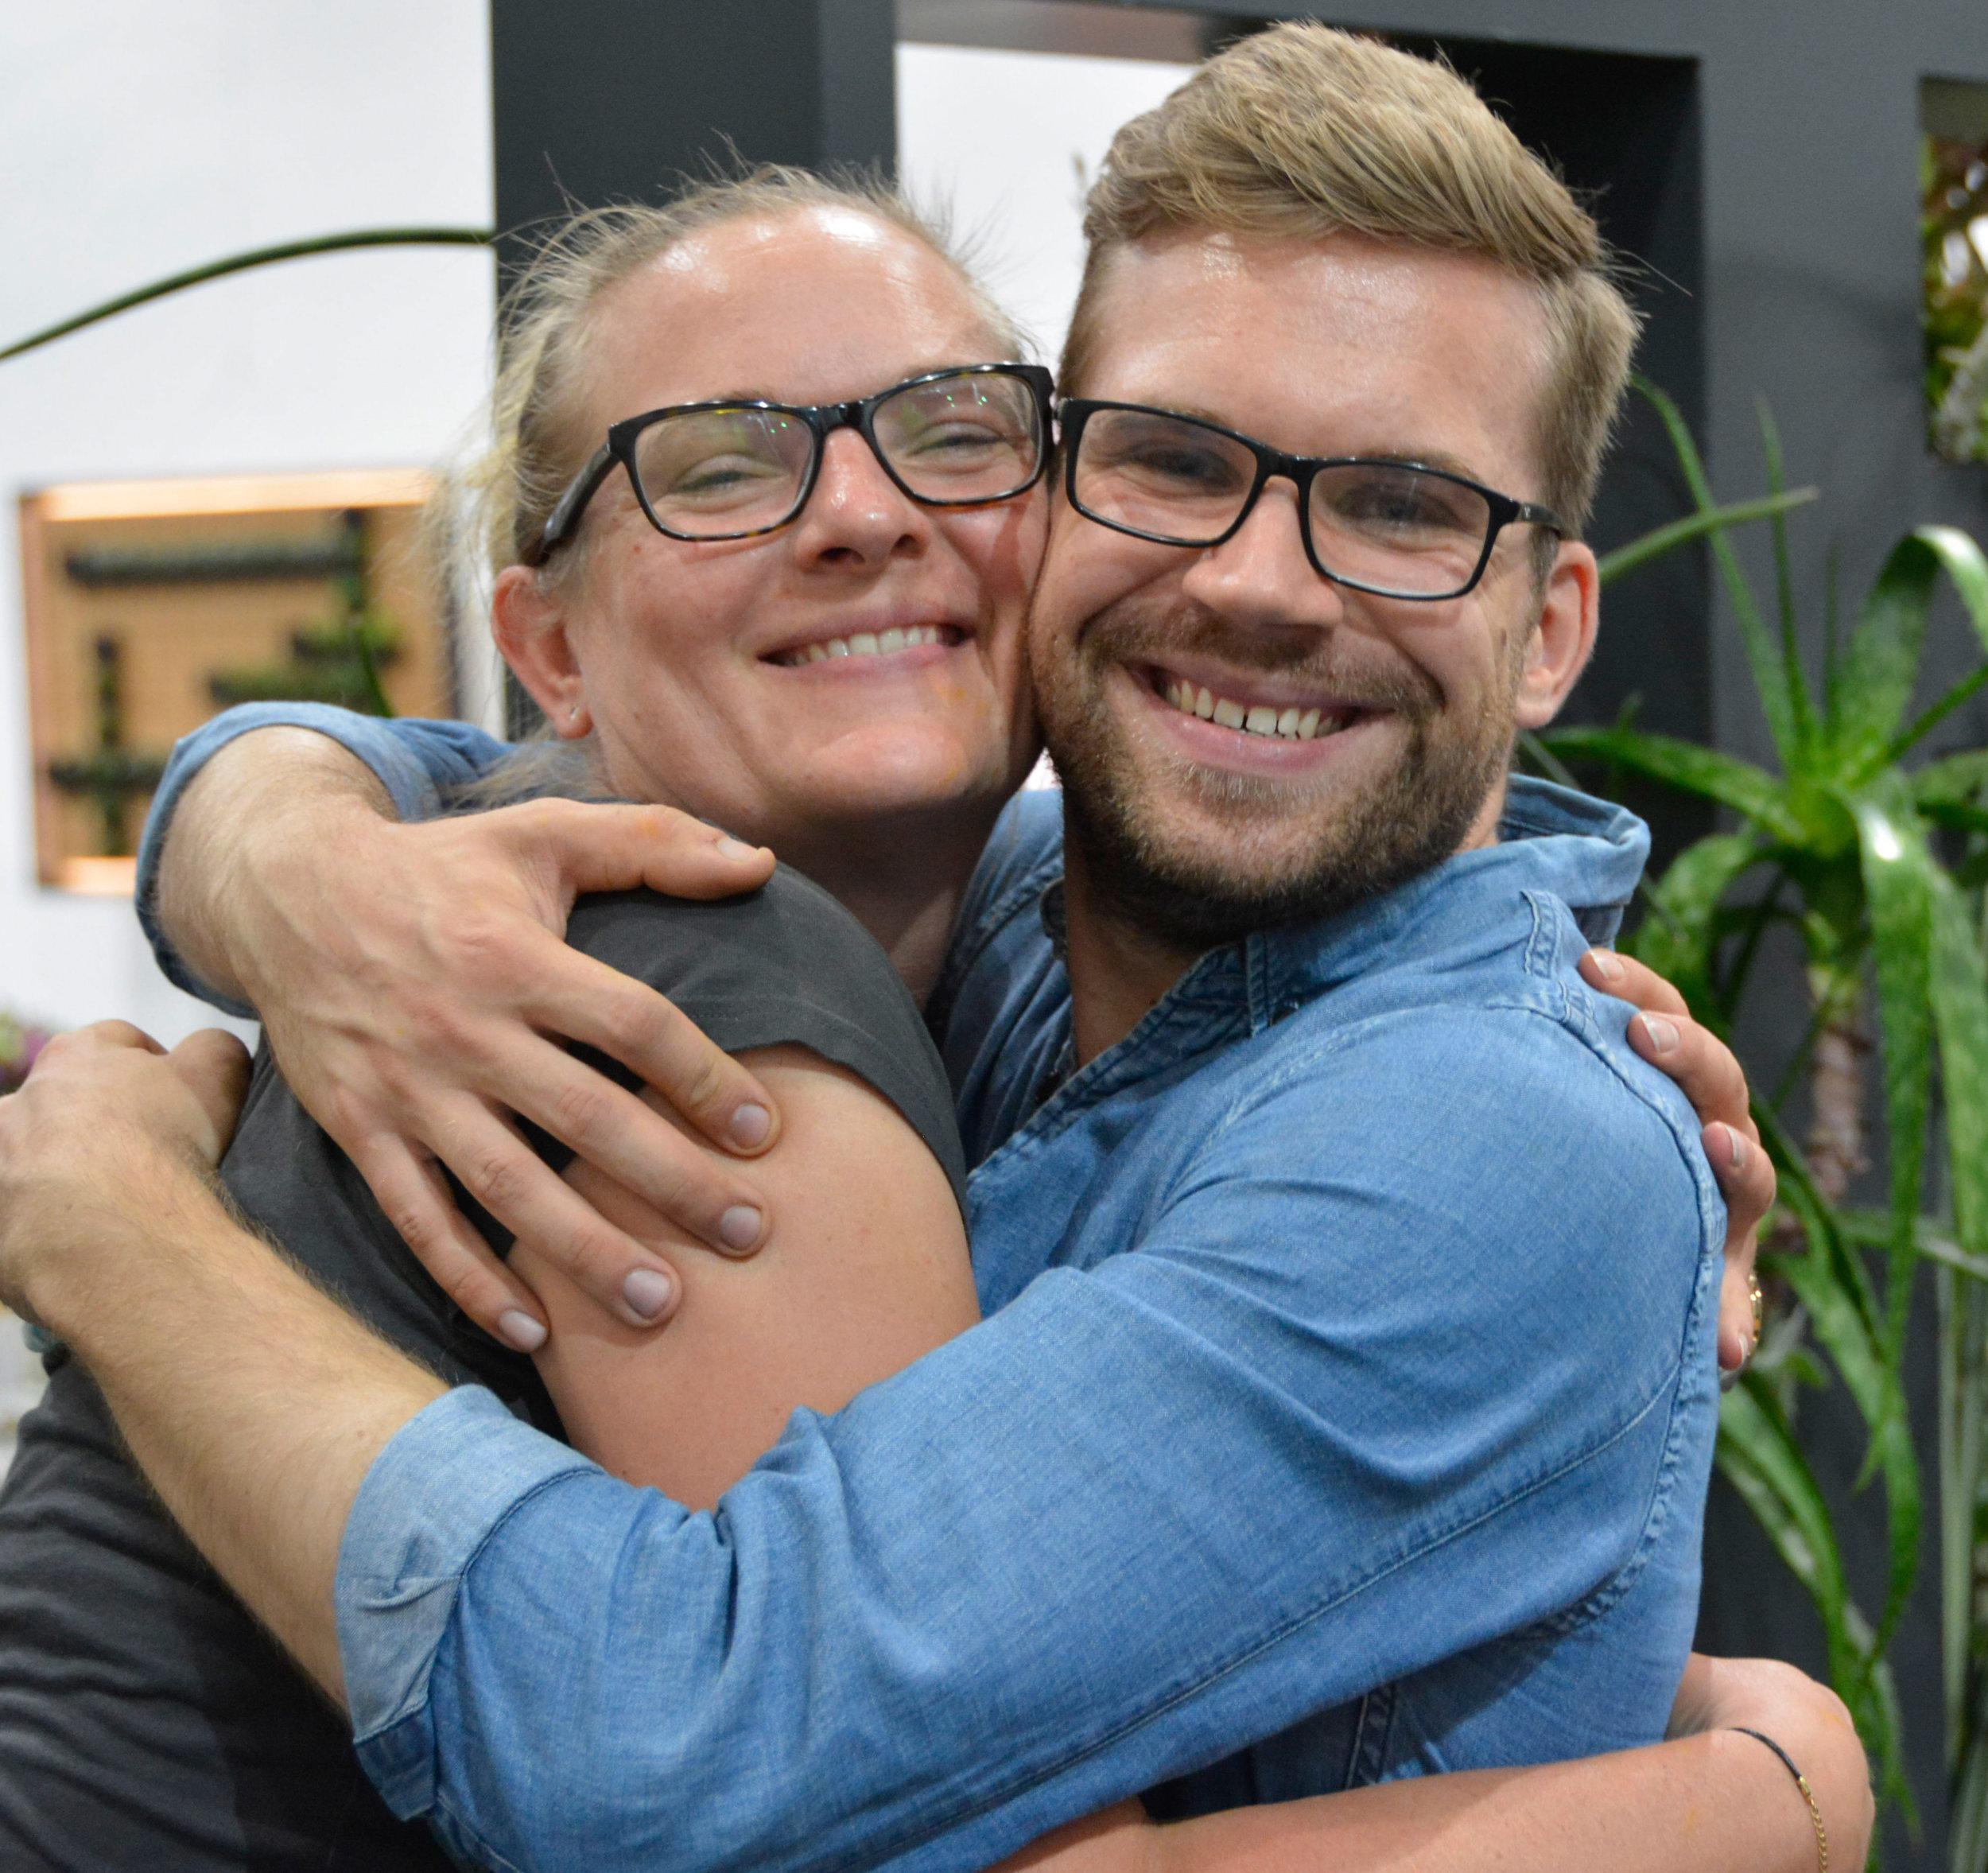 Seit 2015 sind die beiden Schulstandorte Wangen/CH und Innsbruck/A zusammengeschlossen. Durch diesen Schulterschluss kann die AoF den Meisteranwärtern noch optimalere Voraussetzungen bieten, auch der Zusammenhalt unter den Absolventen ist einzigartig. Freundschaften fürs Leben.